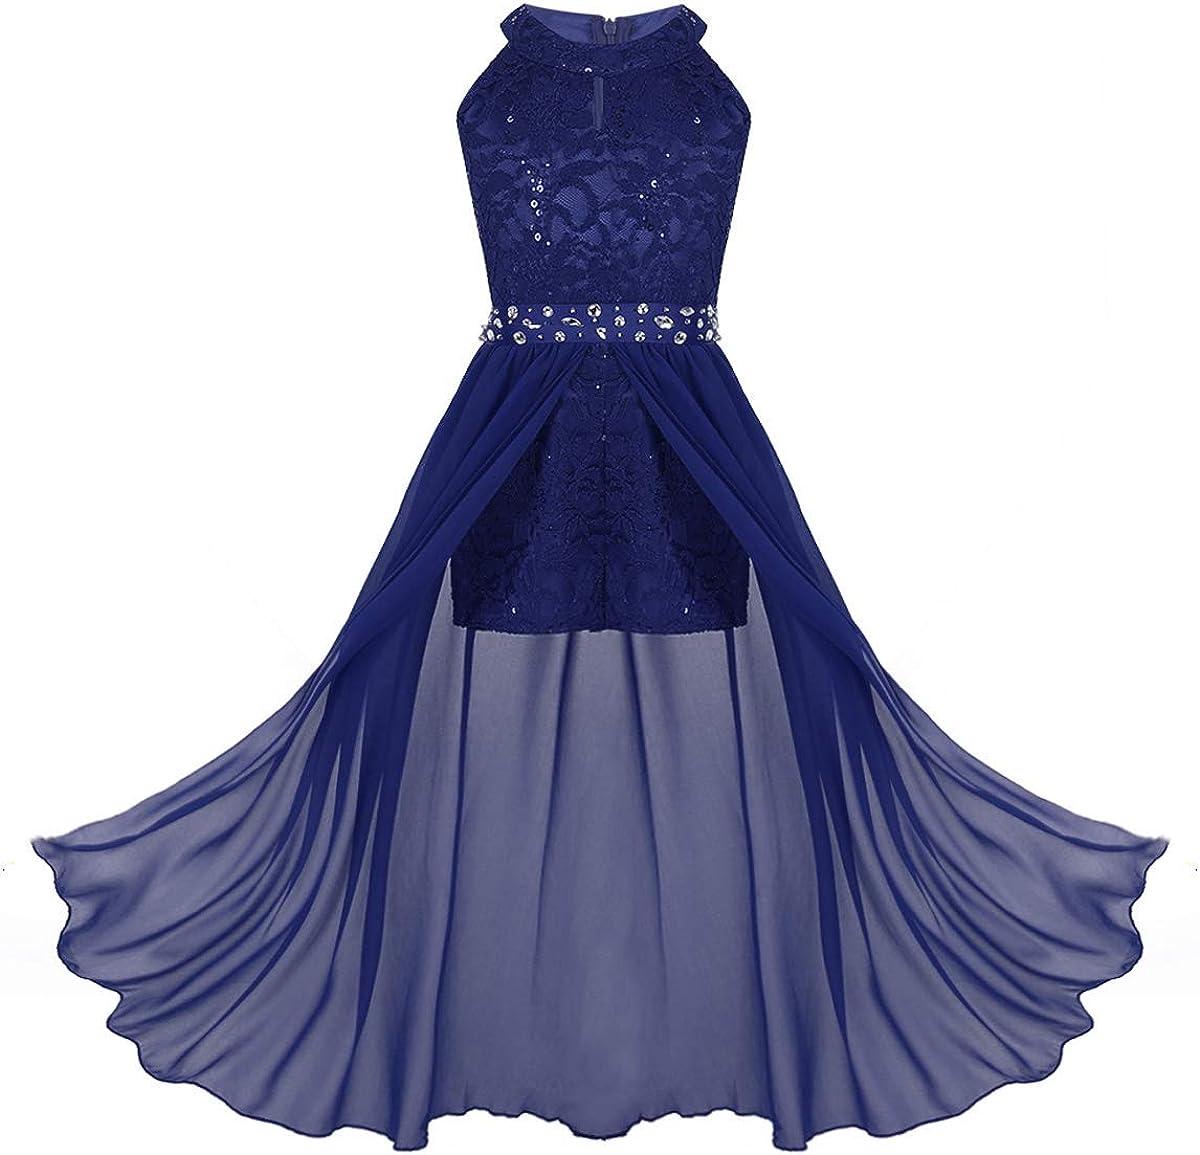 iiniim Kids Big Girls High-Neck Maxi Romper Dress Junior Bridesmaid Wedding Flower Dress Party Evening Long Gown